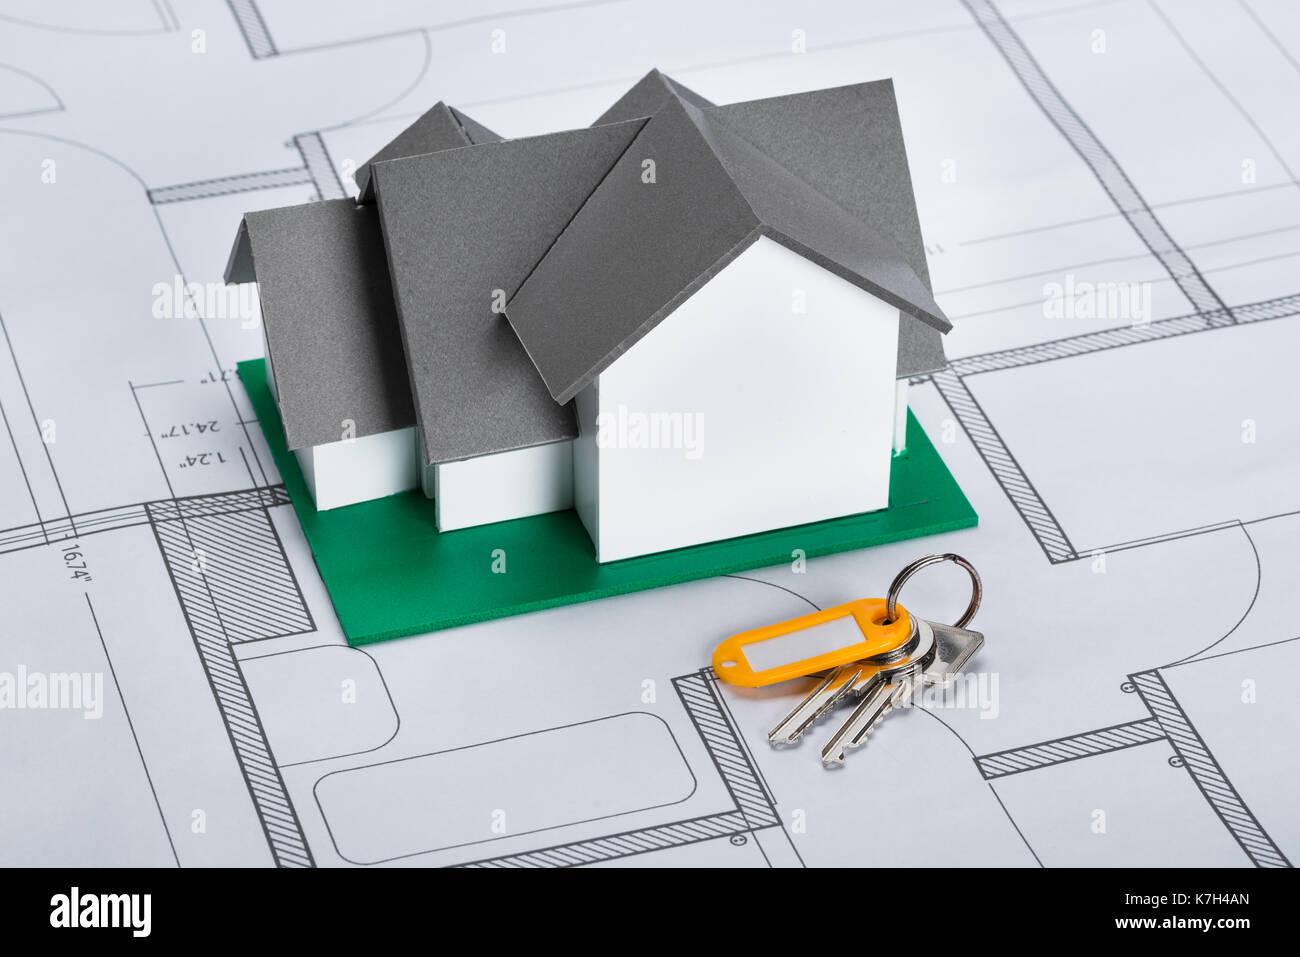 Close up of house model with keys on blueprint stock photo close up of house model with keys on blueprint malvernweather Choice Image